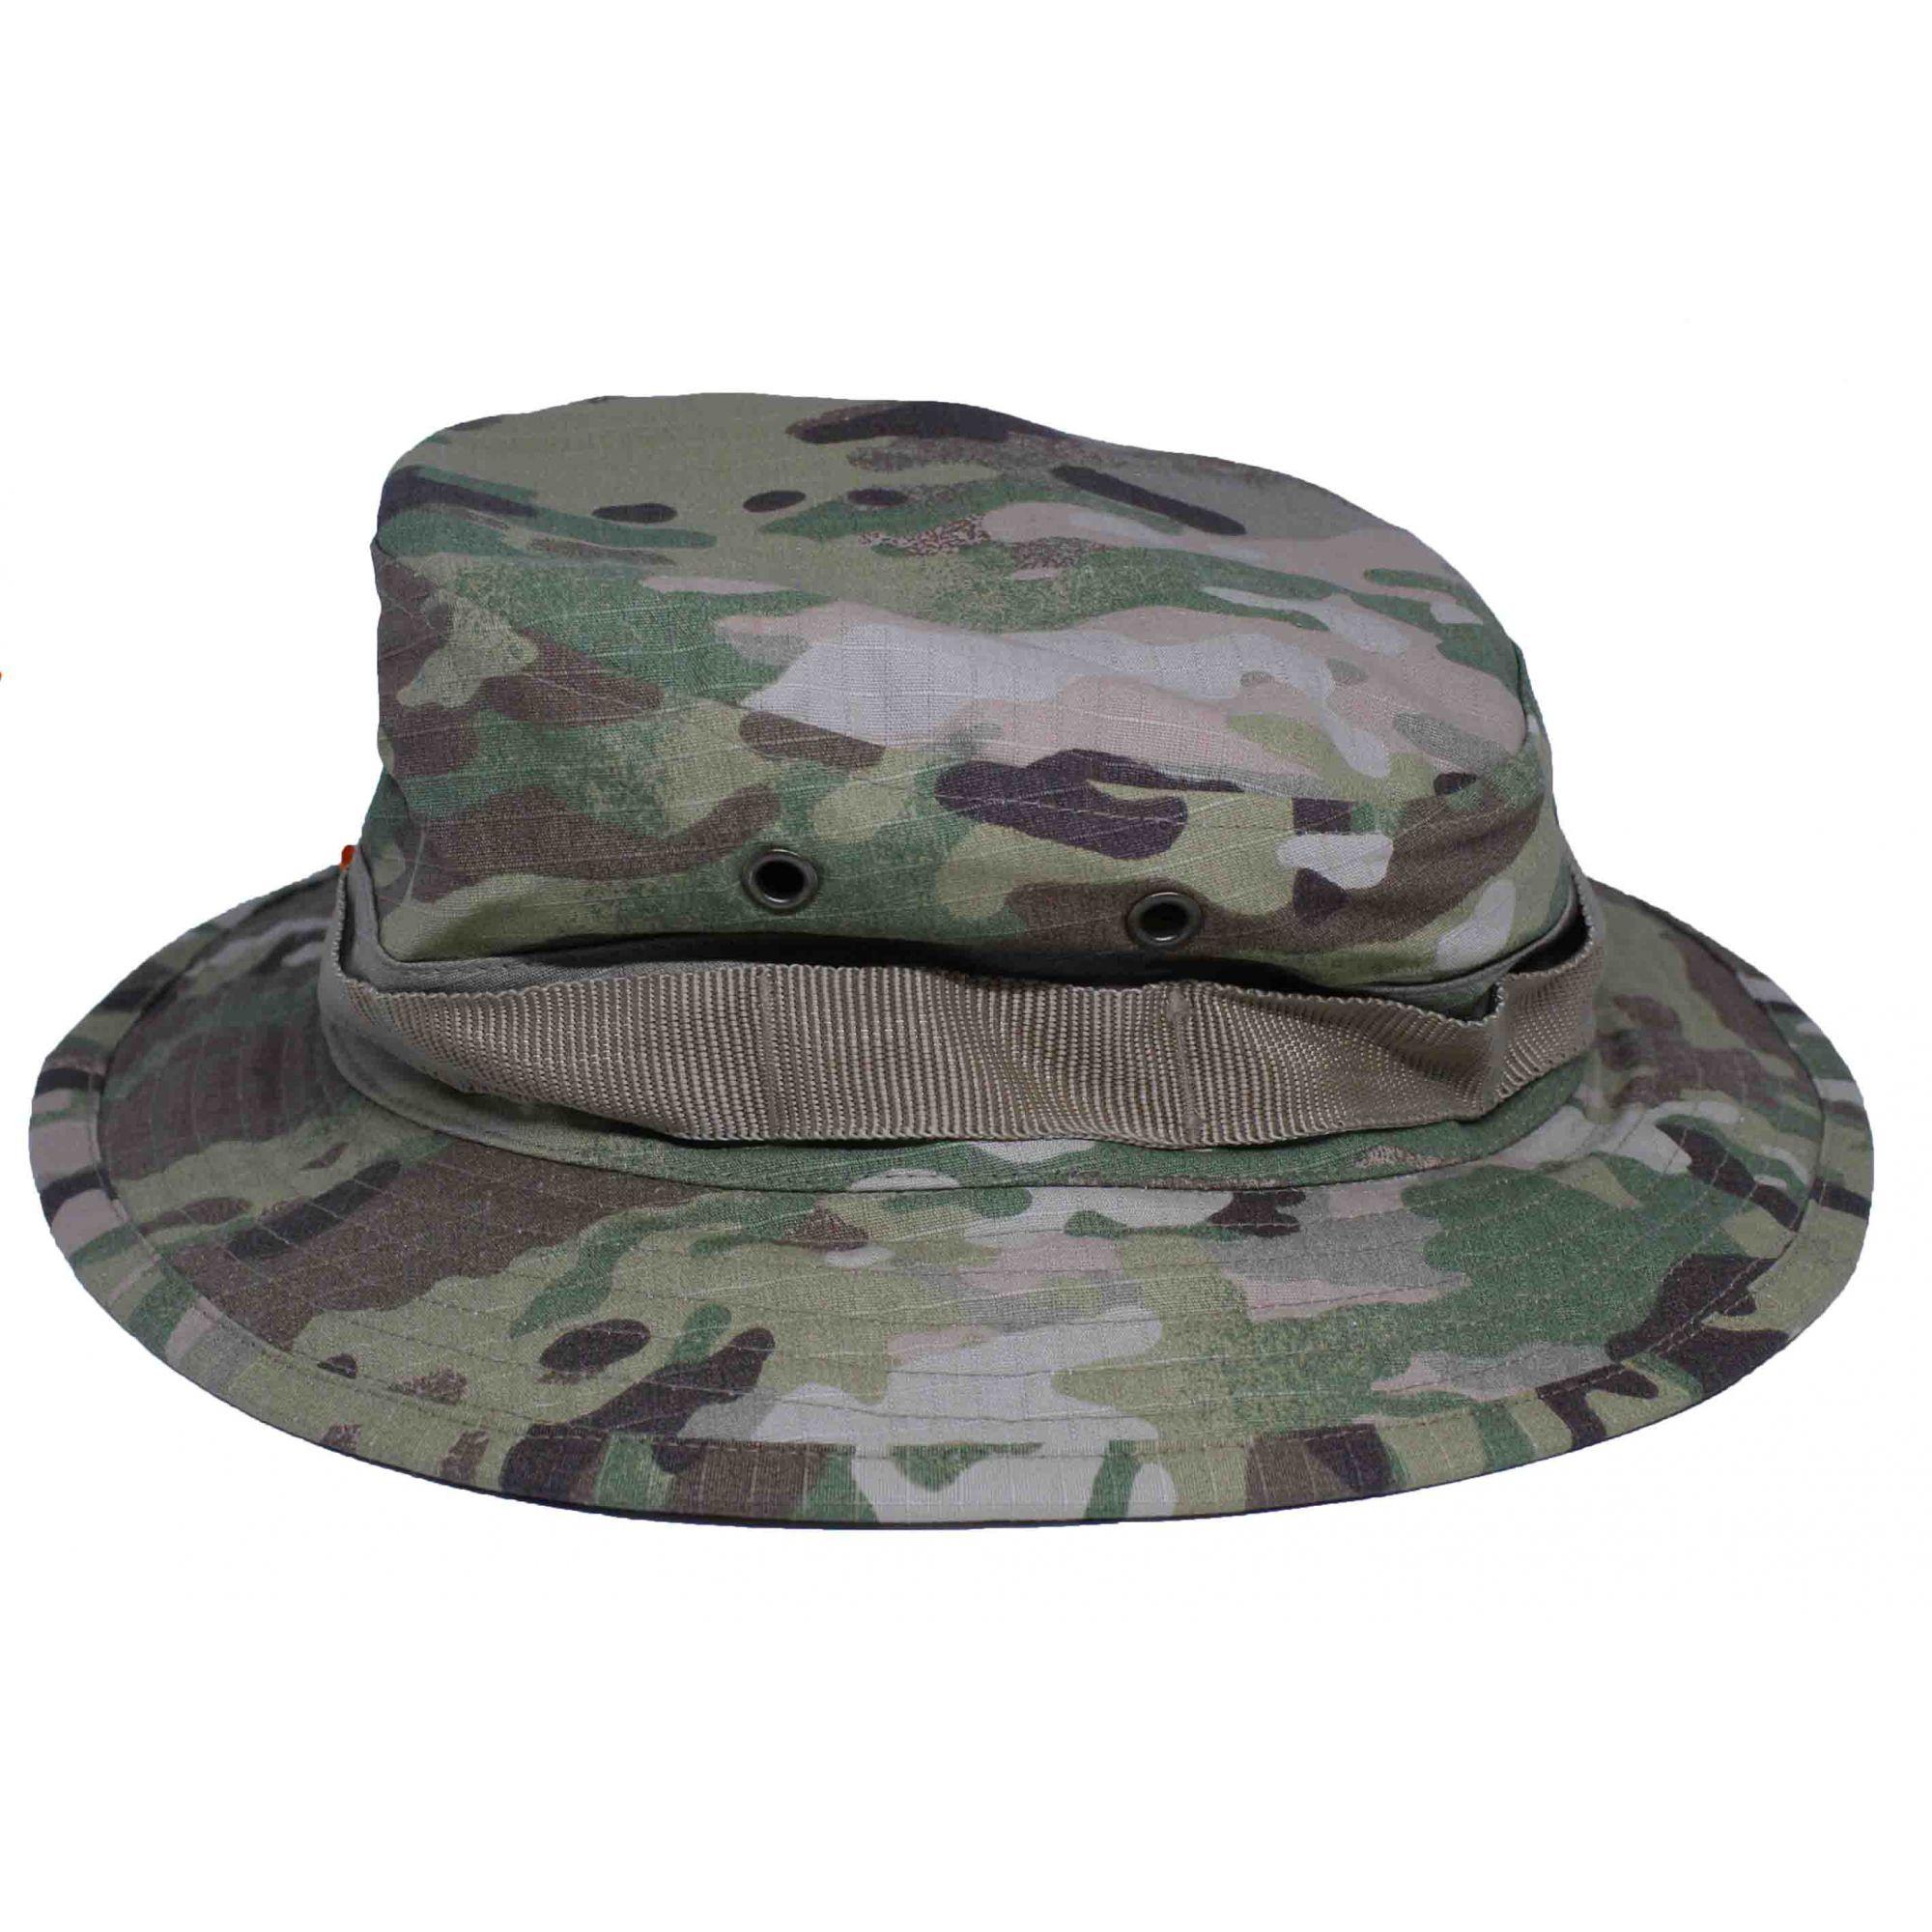 Bonnie Hat - Multicam Padrão camuflagem Americano